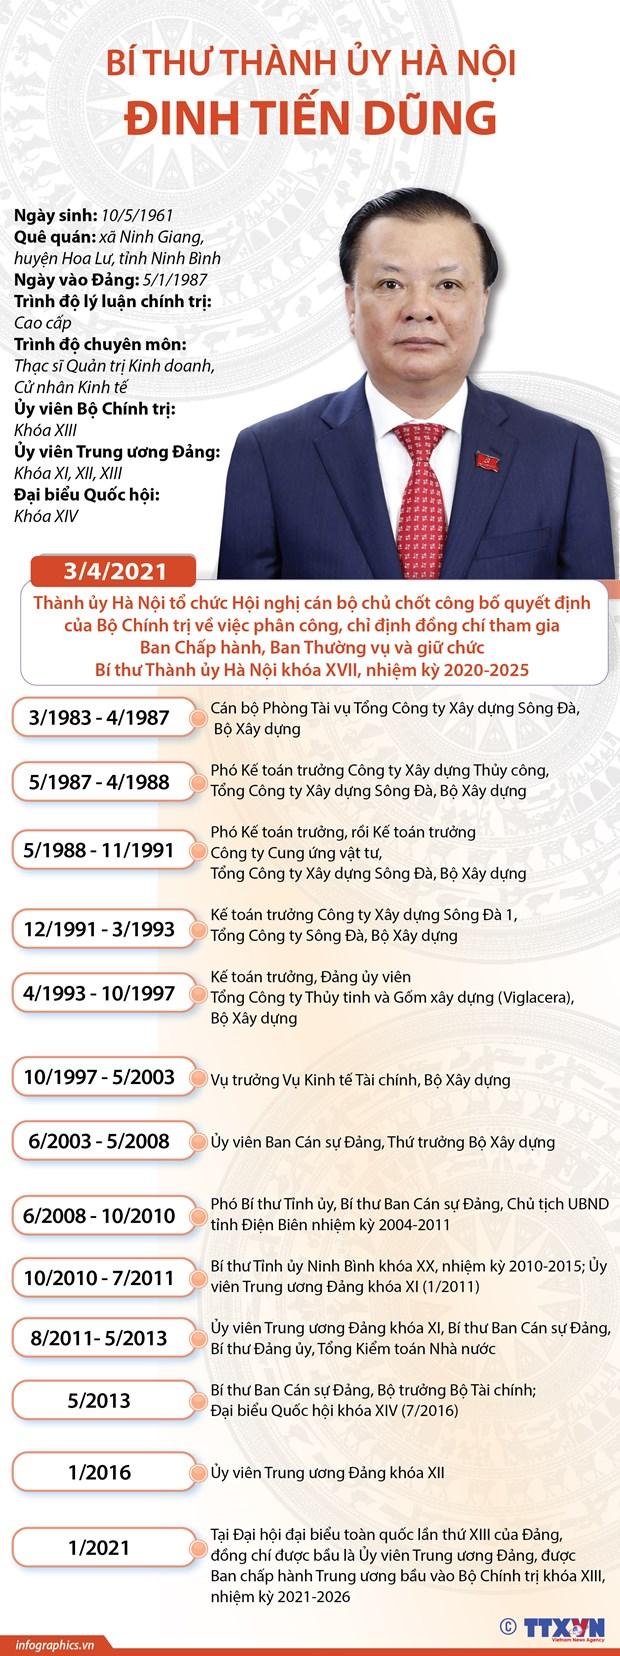 Cong bo quyet dinh cua Bo Chinh tri phan cong dong chi Dinh Tien Dung lam Bi thu Thanh uy Ha Noi hinh anh 3